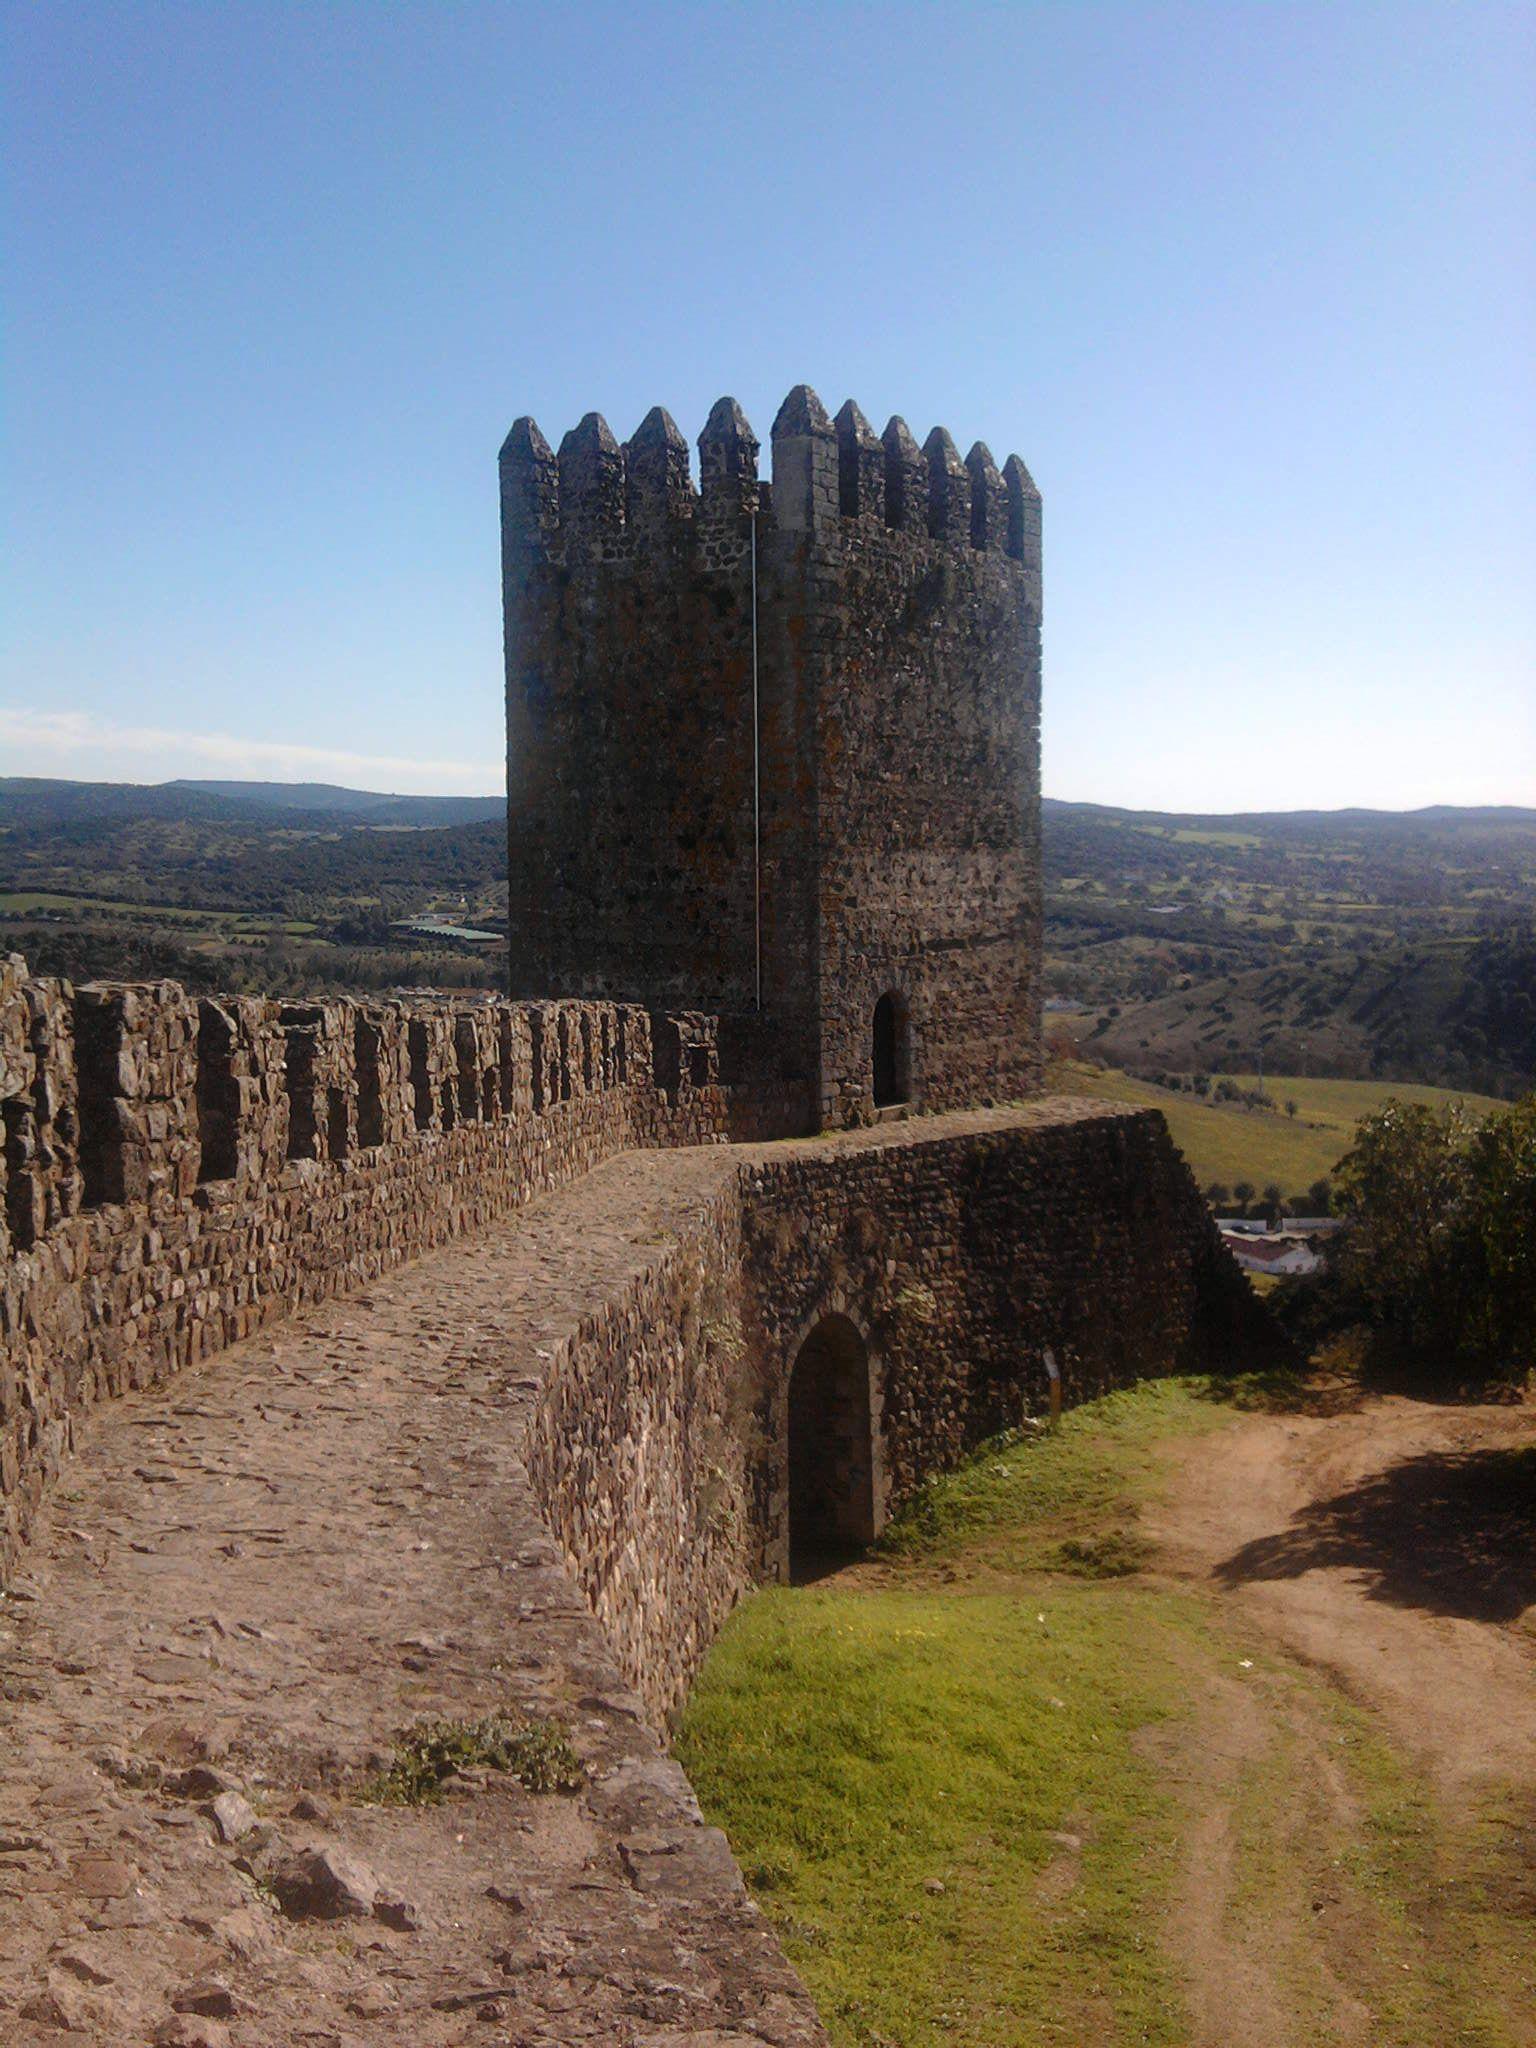 Castelo de Montemor-o-novo - #Portugal